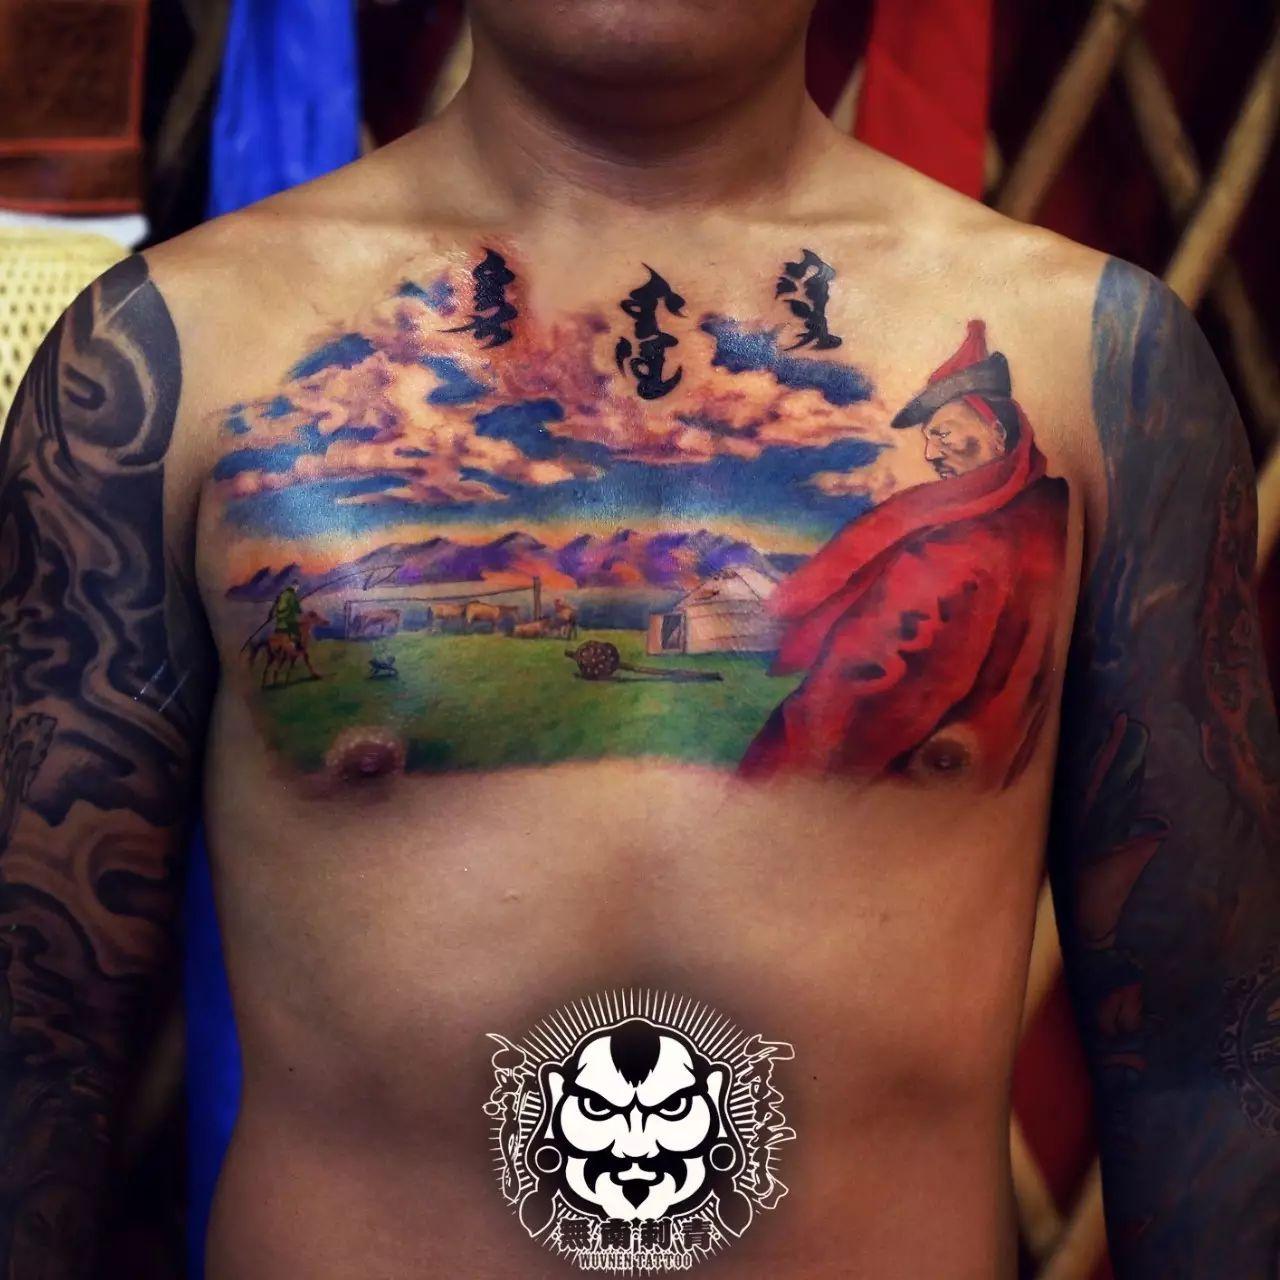 「無南icon」细数無南刺青当中出现过的蒙古人物形象 第15张 「無南icon」细数無南刺青当中出现过的蒙古人物形象 蒙古画廊